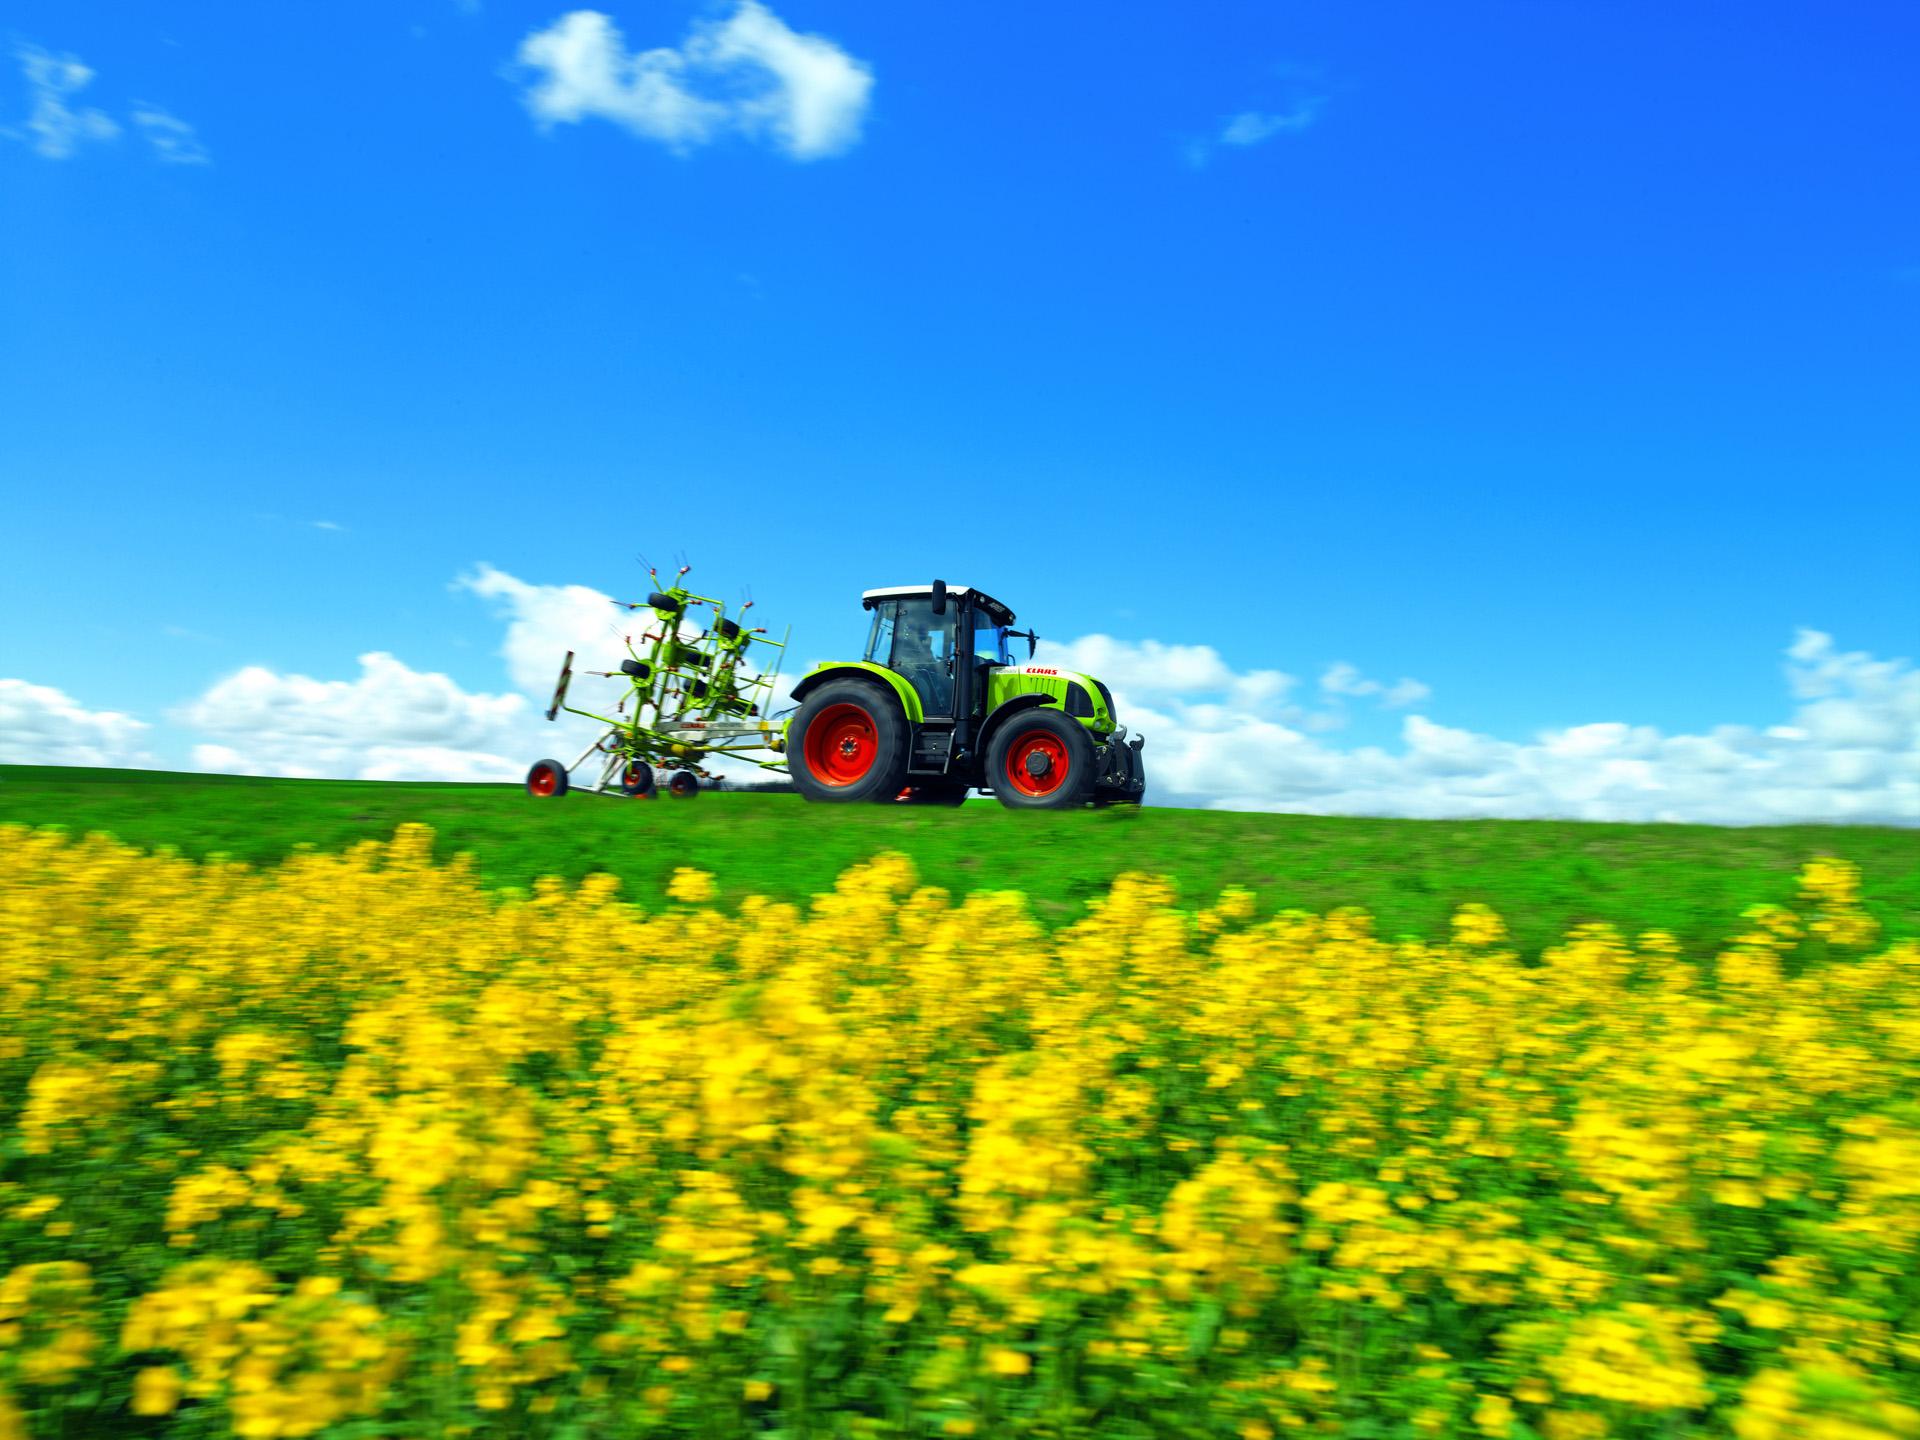 Картинки с изображением сельхоз работники